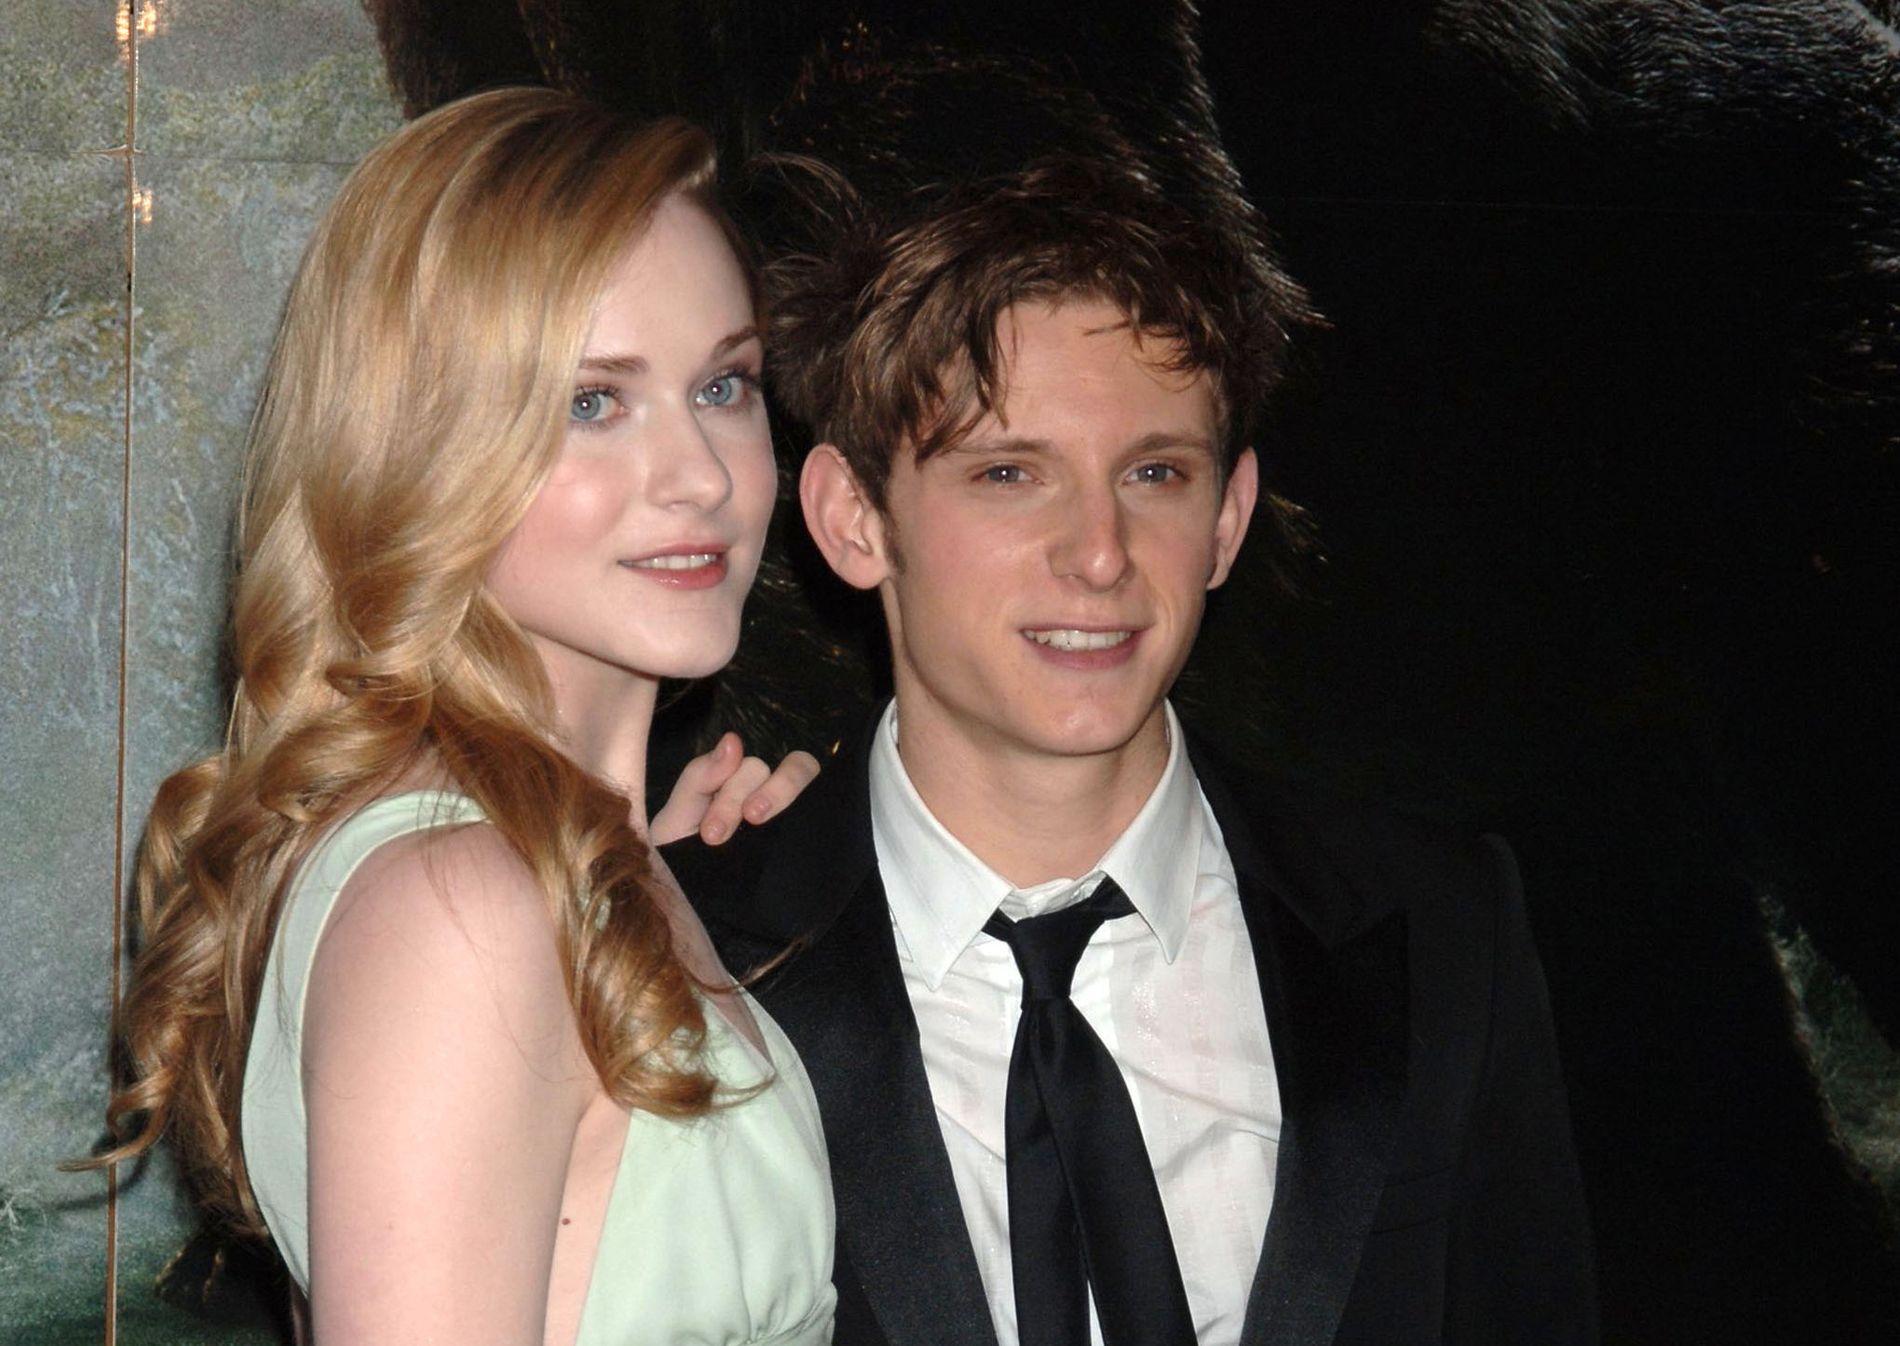 EKSER: Evan Rachel Wood og Jamie Bell på premieren av «King Kong» i 2005.